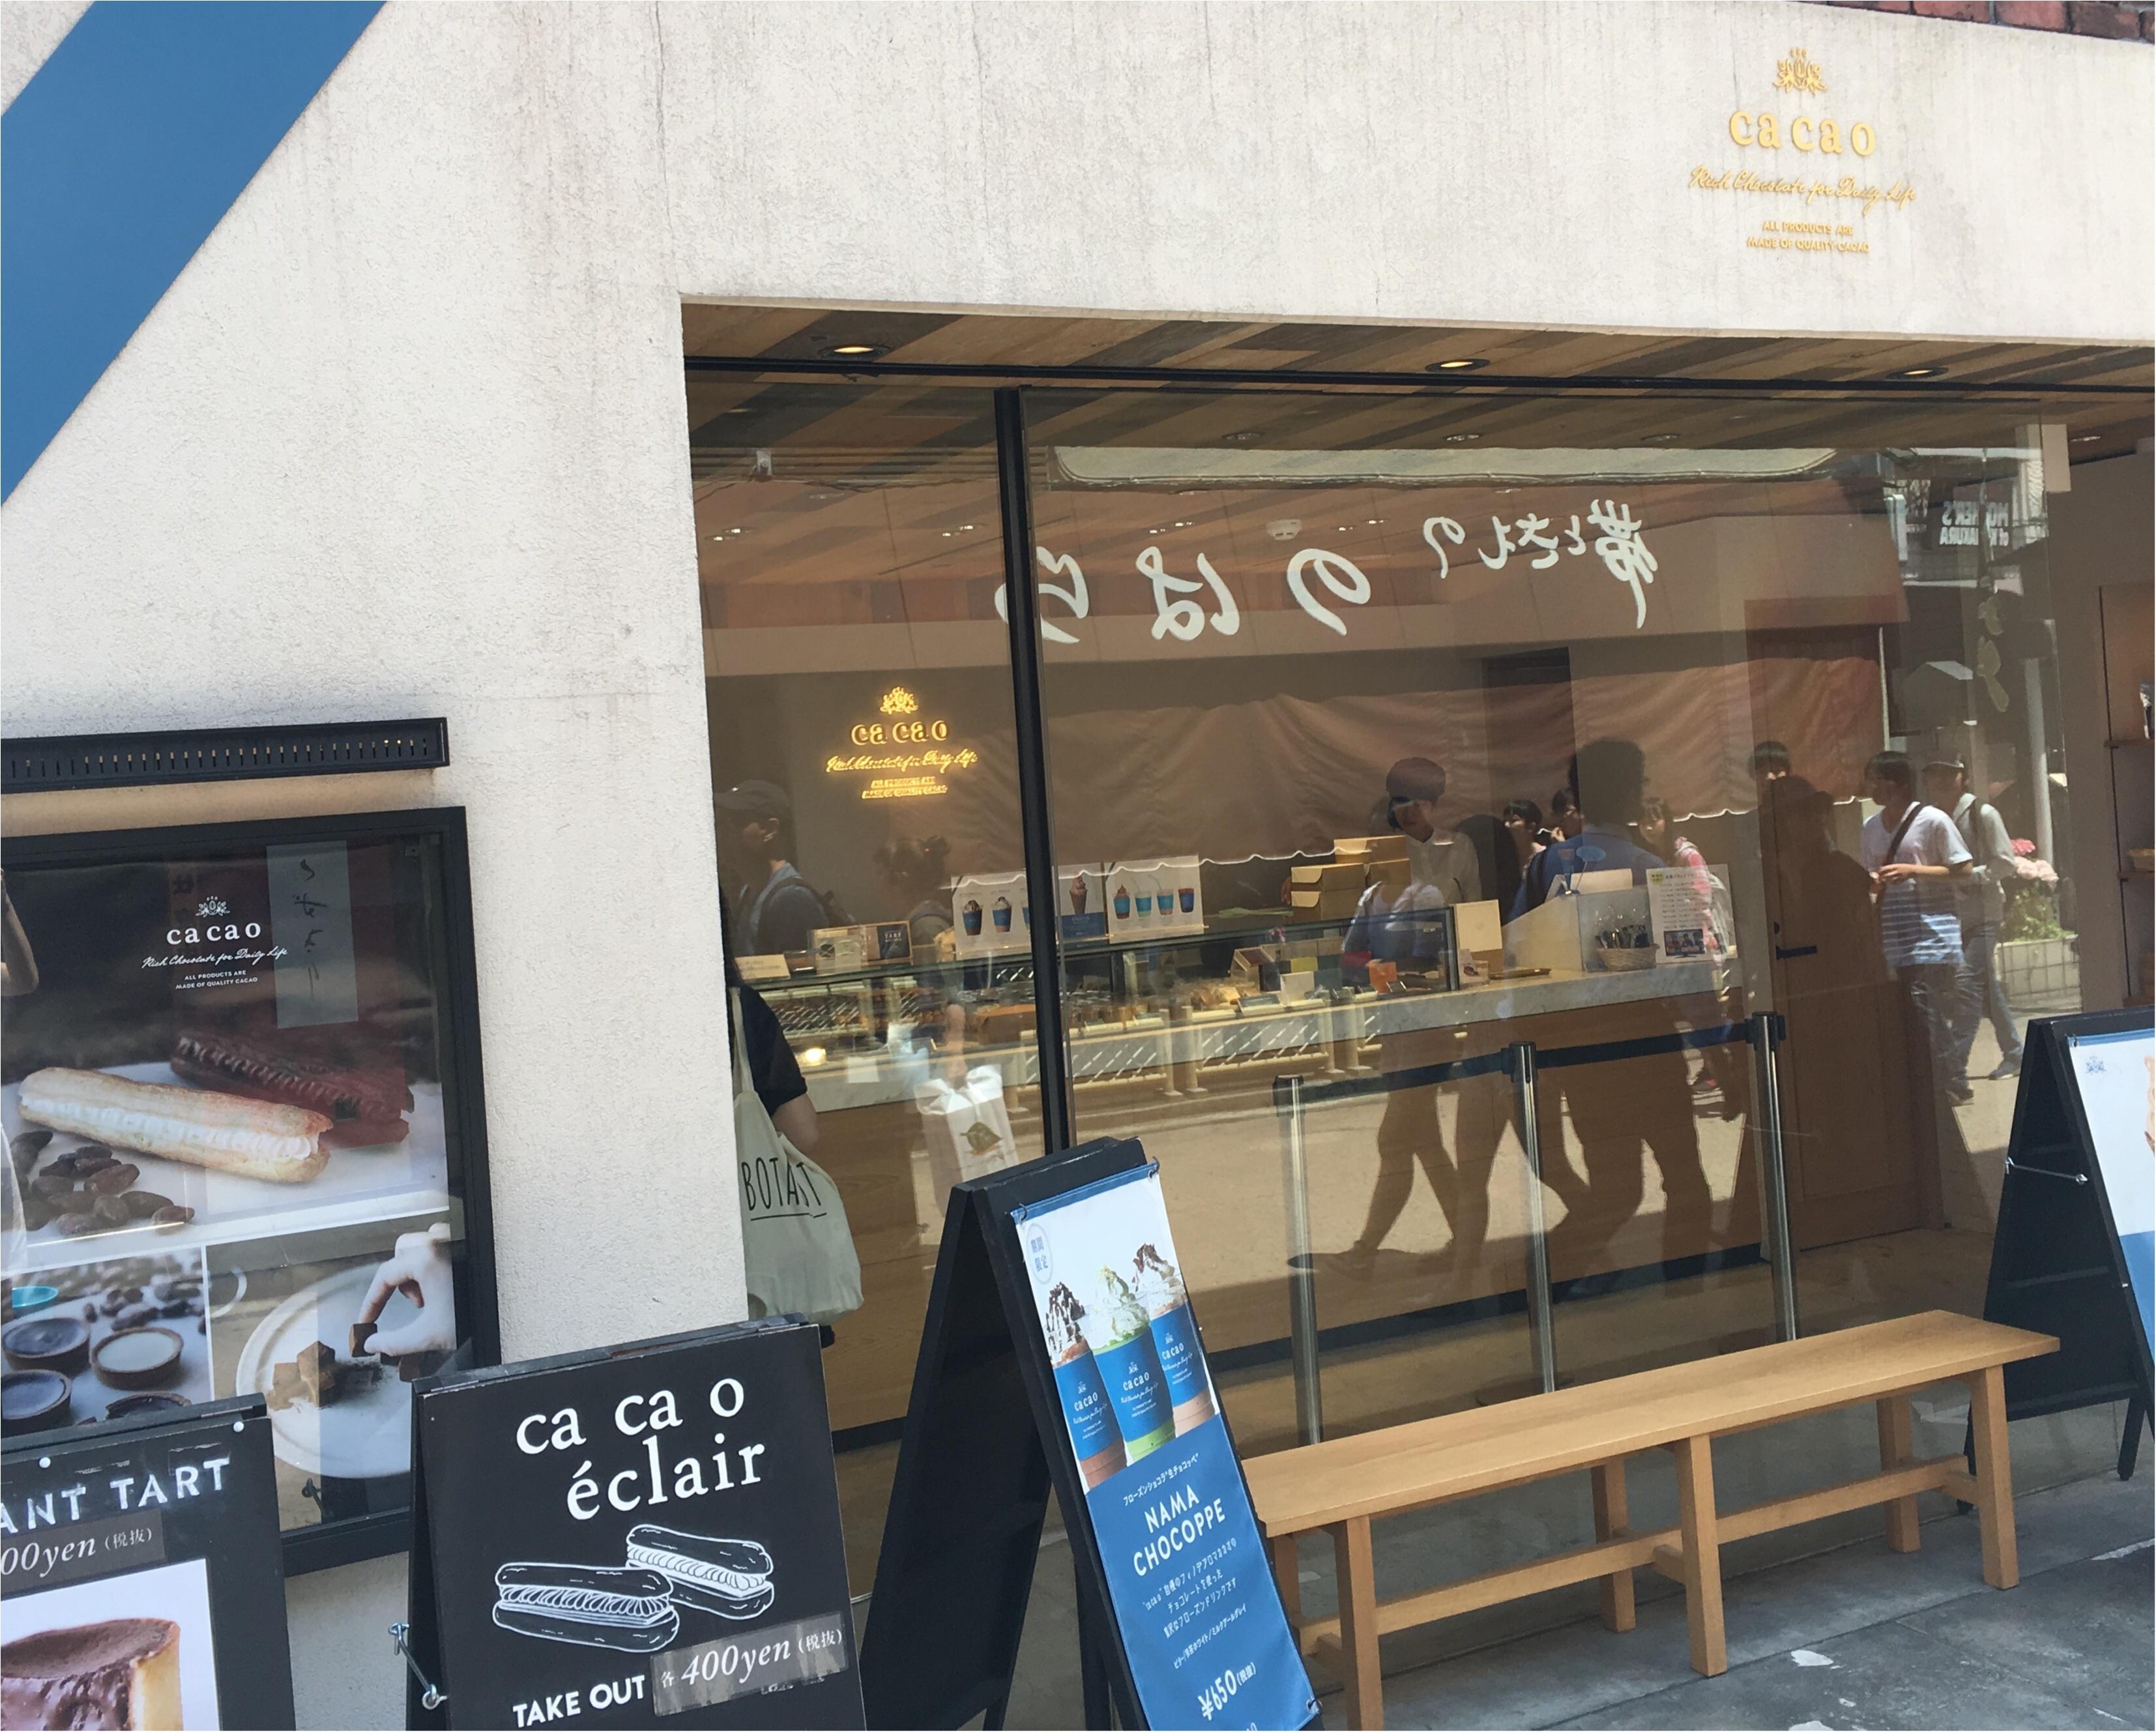 チョコ好き必見!!メディアでも話題の鎌倉✰新宿で食べれちゃうとろける生チョコ✰生チョコ専門店って知ってる?_2